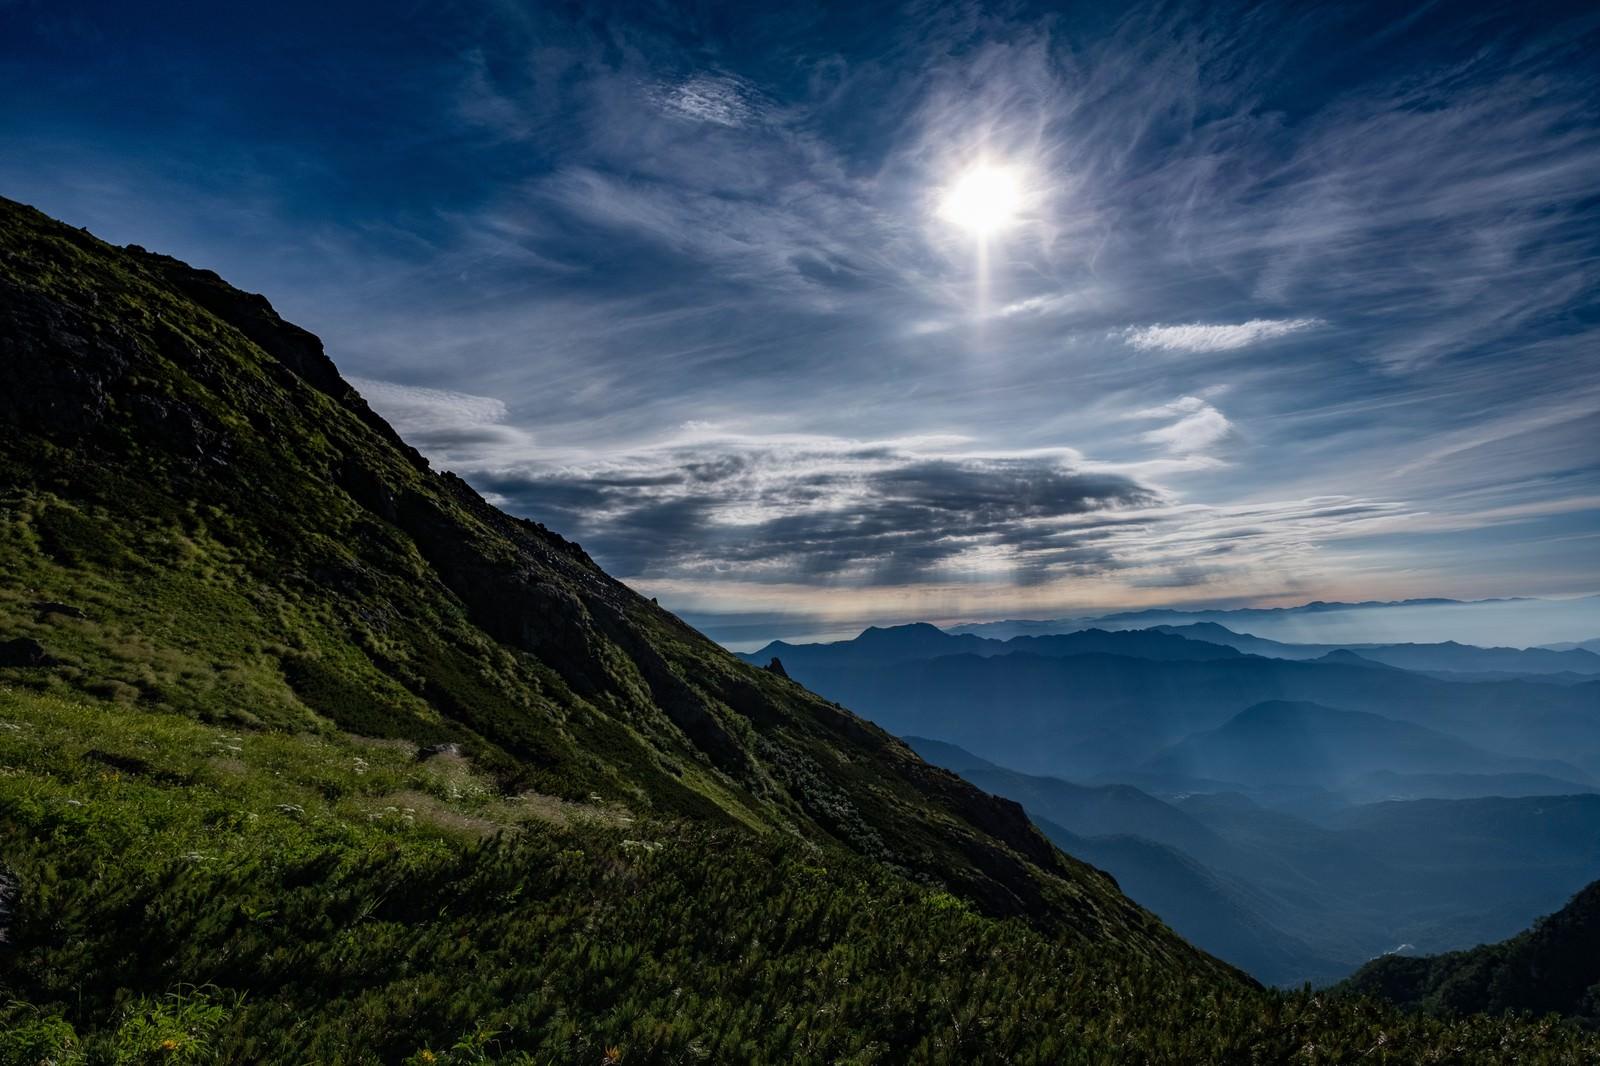 「朝の光芒と白馬岳稜線の緑」の写真